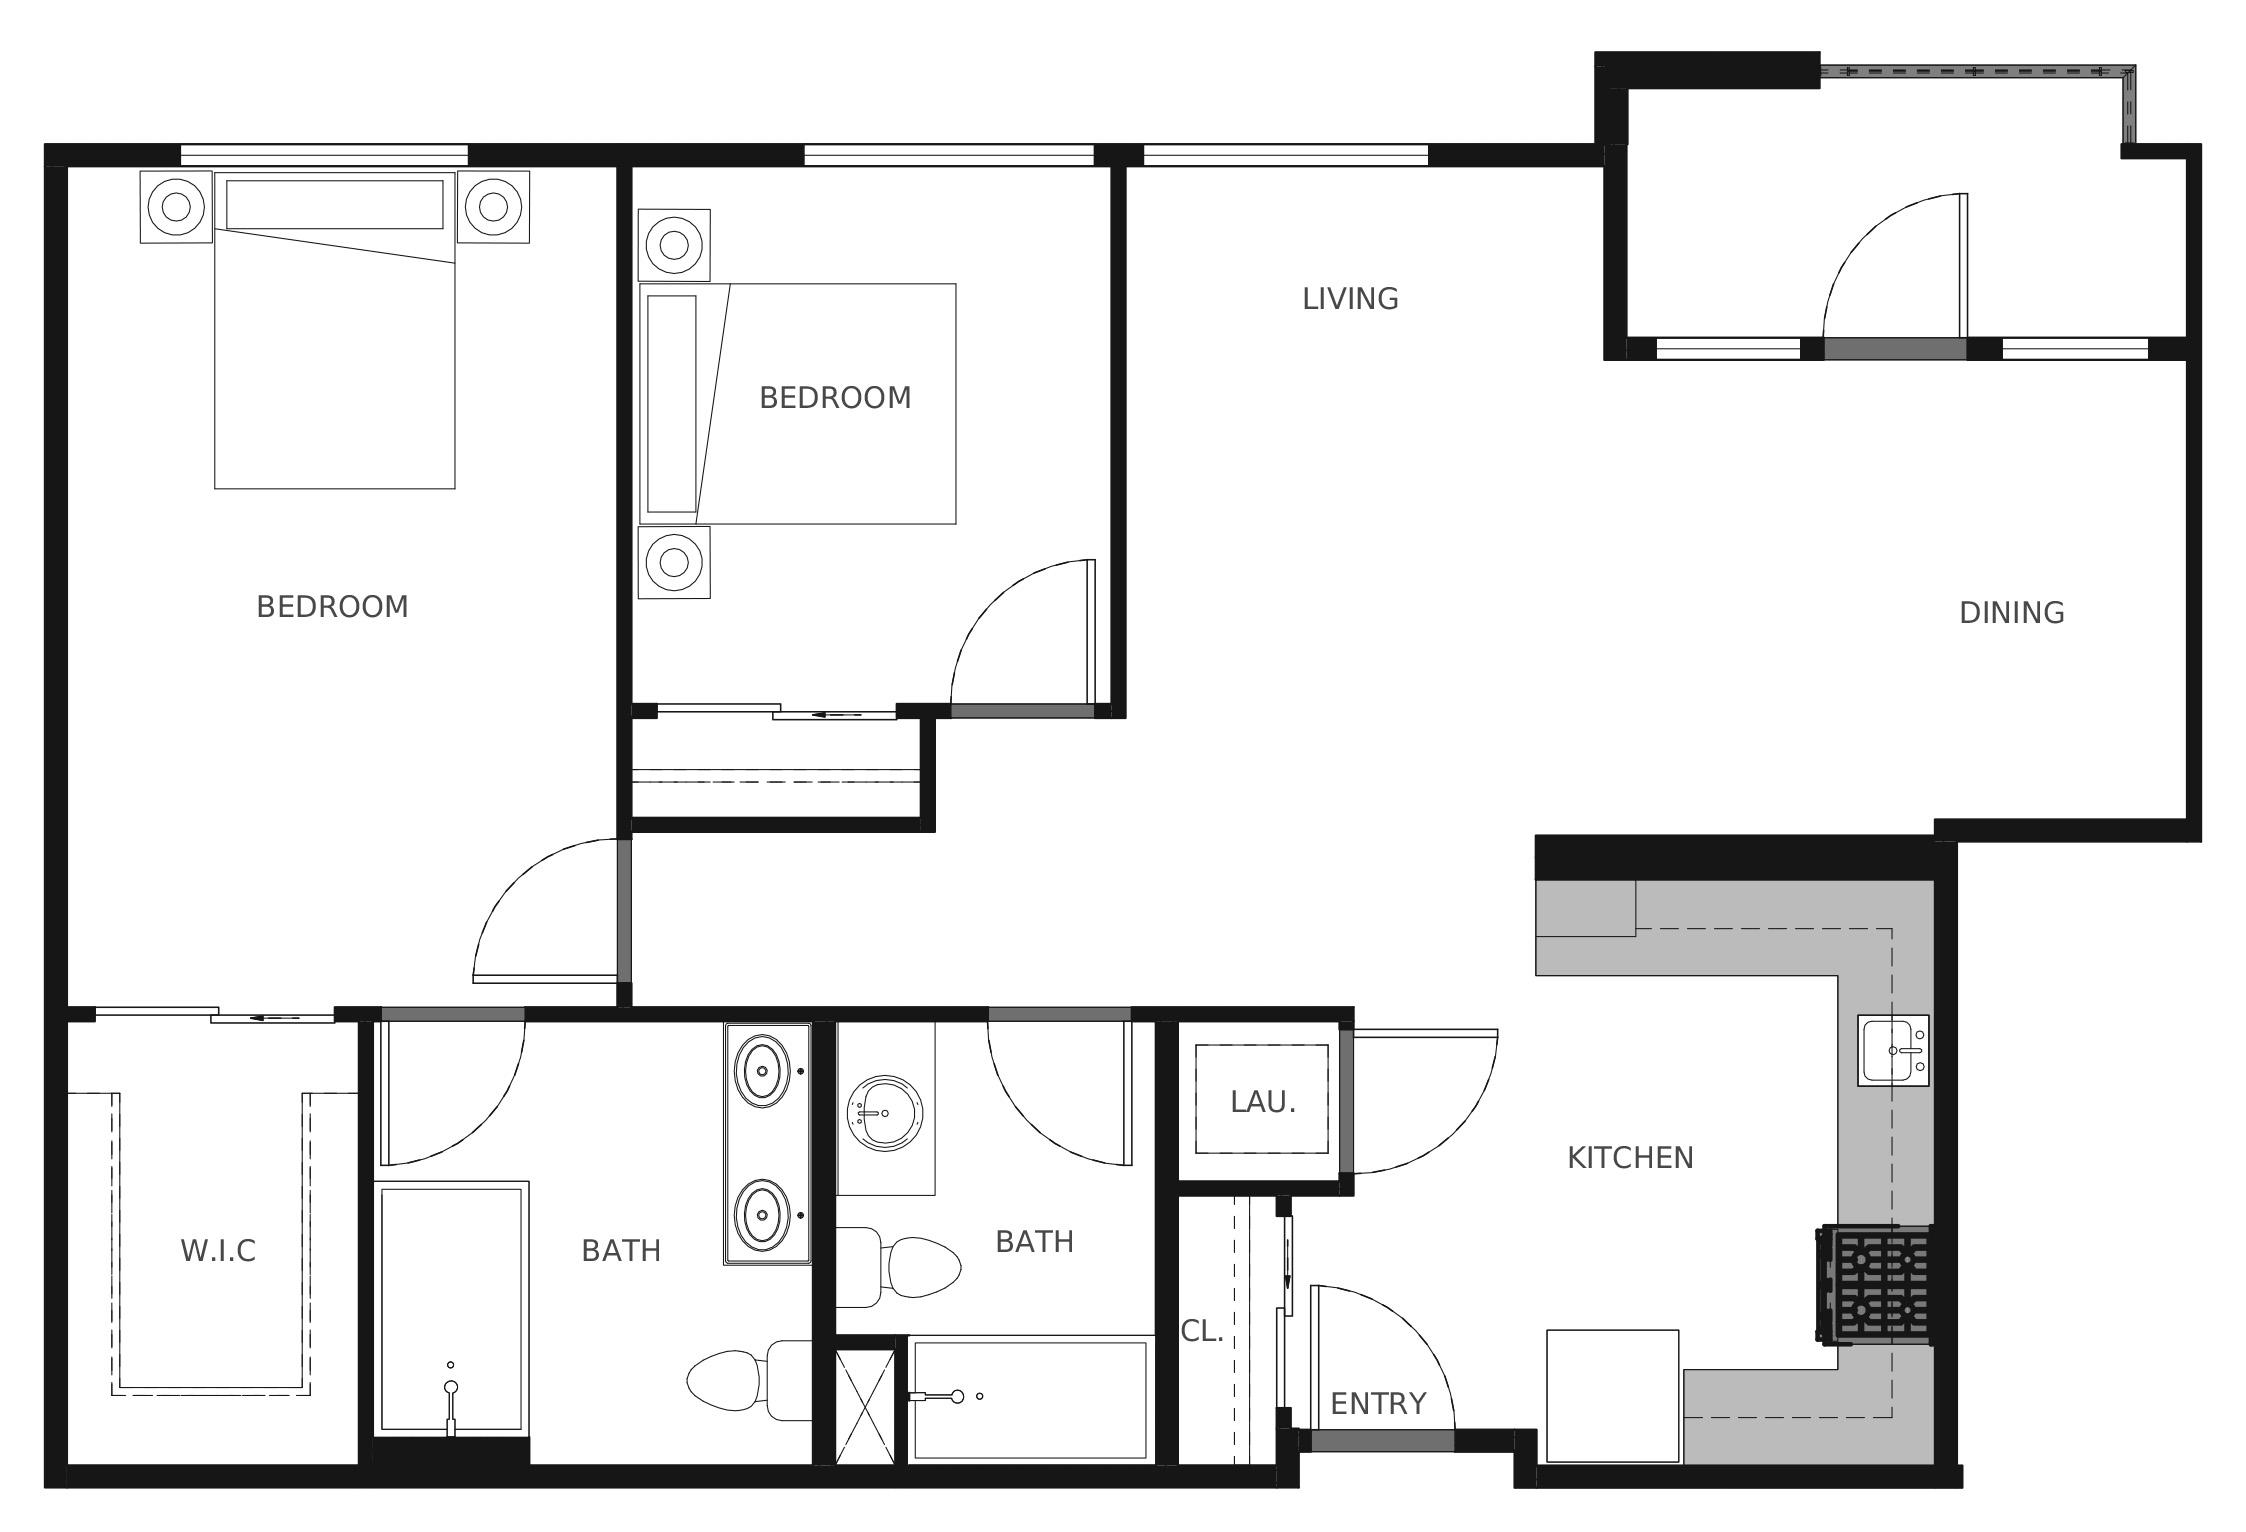 Plan B2 - 1,052 sq. ft.